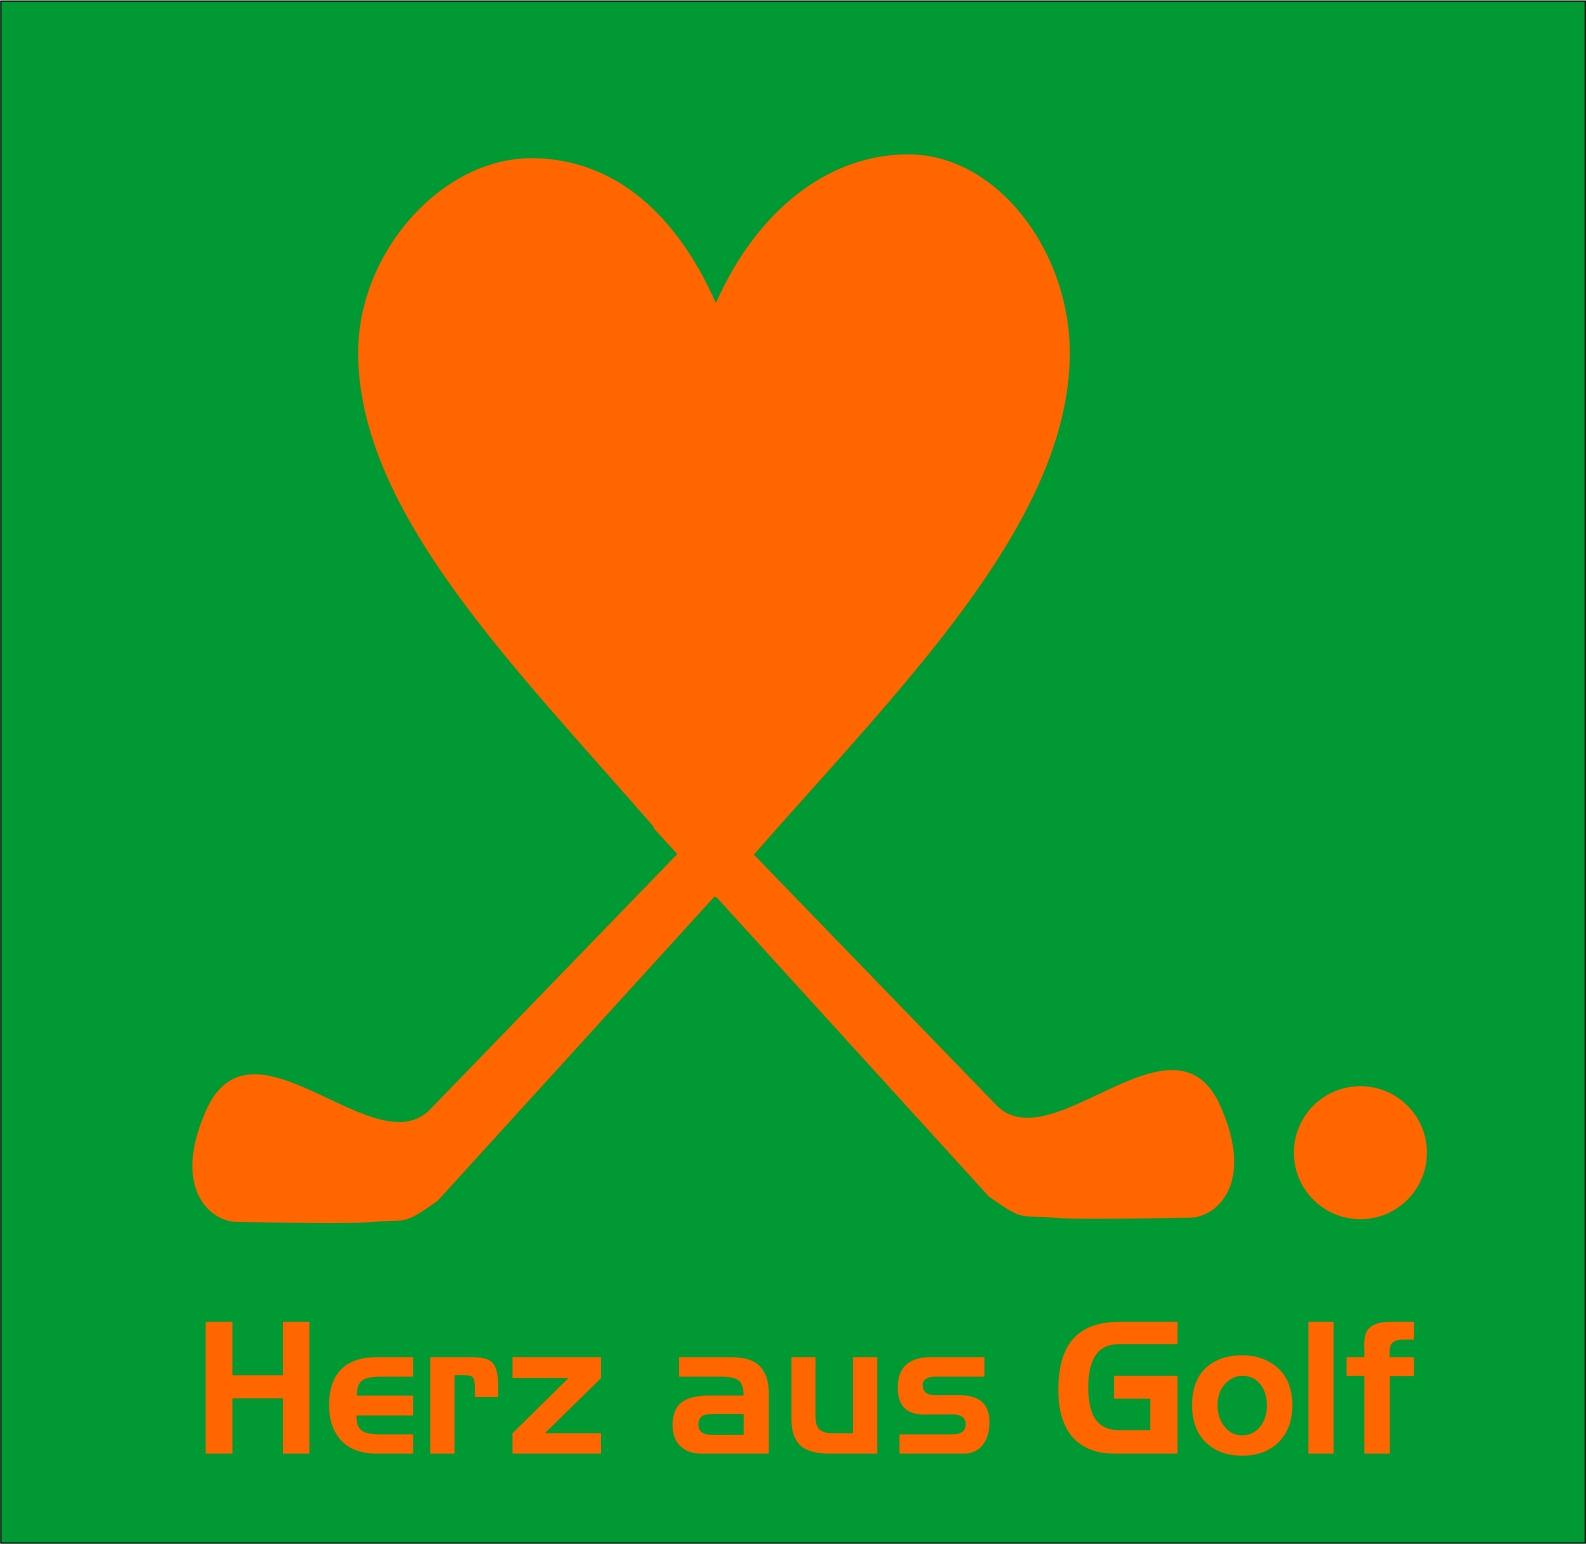 herz aus golf